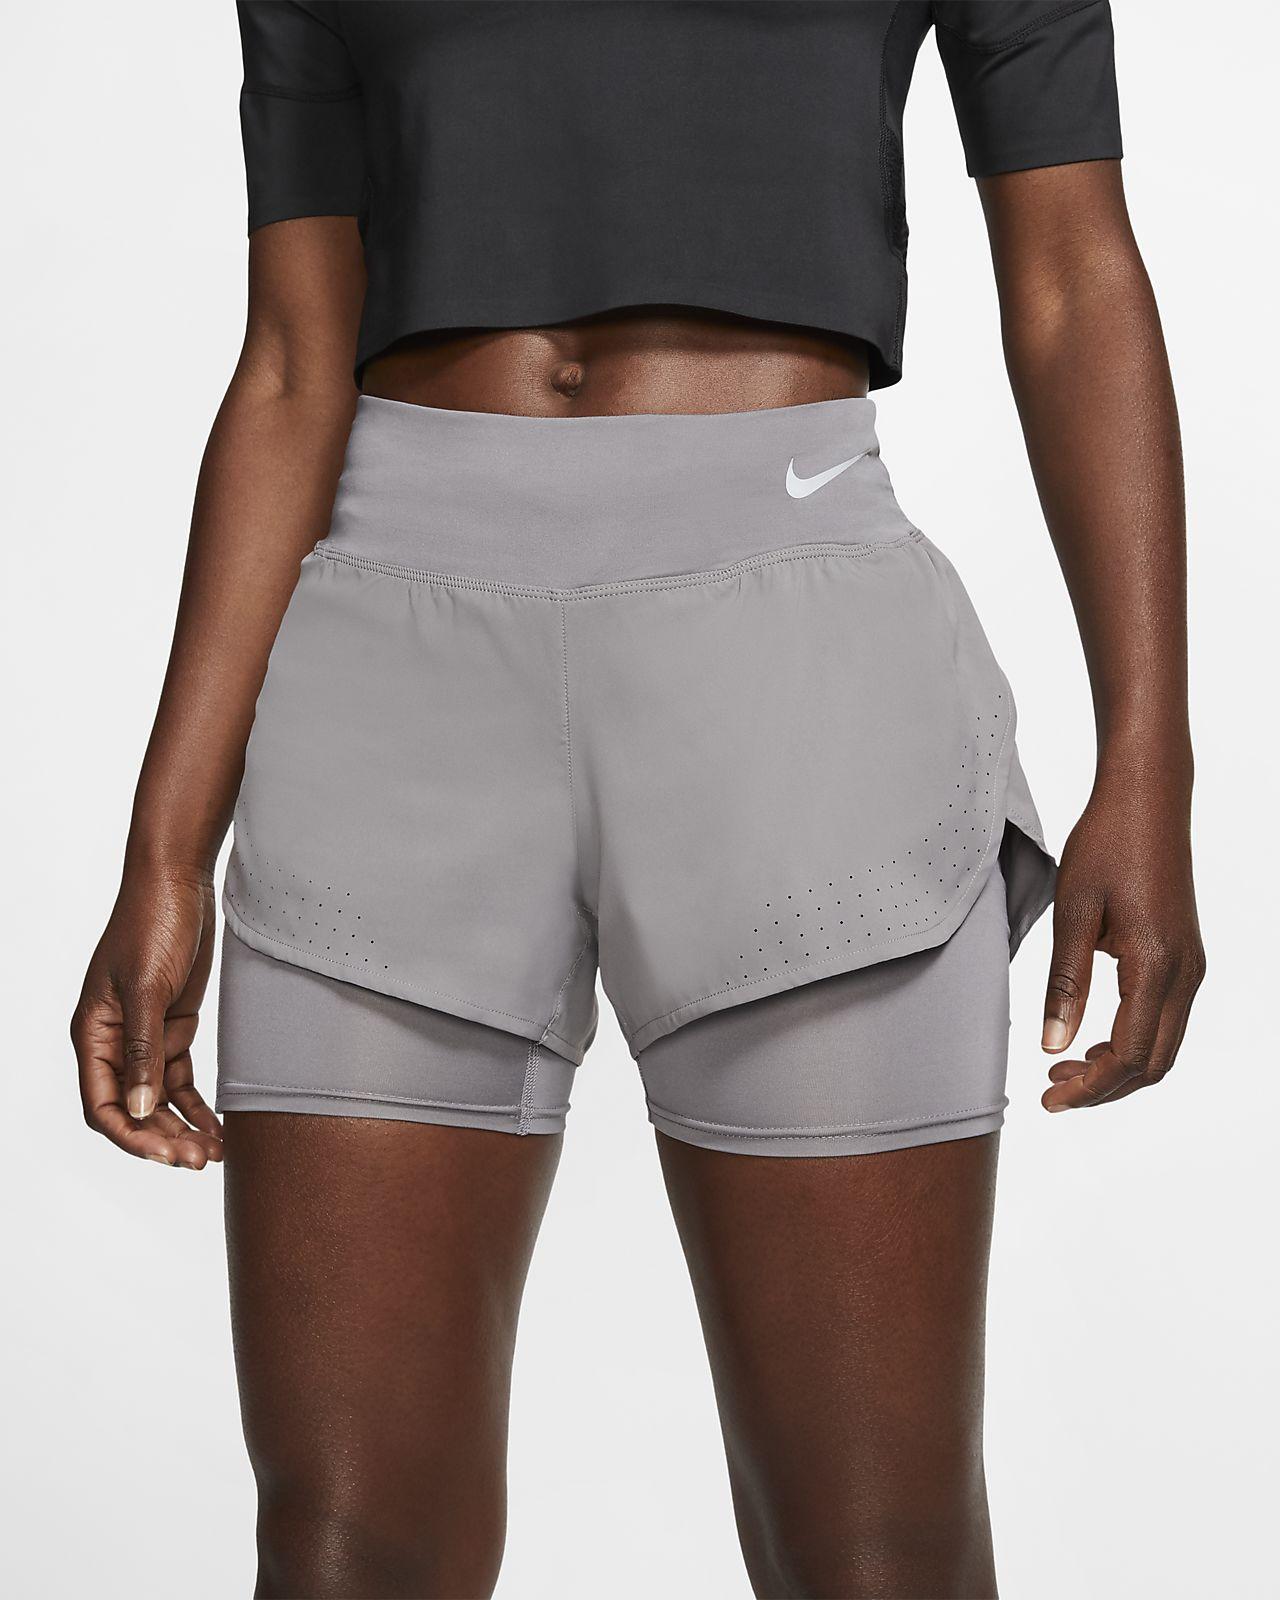 wspaniały wygląd najlepiej online kupuję teraz Damskie spodenki do biegania 2 w 1 Nike Eclipse